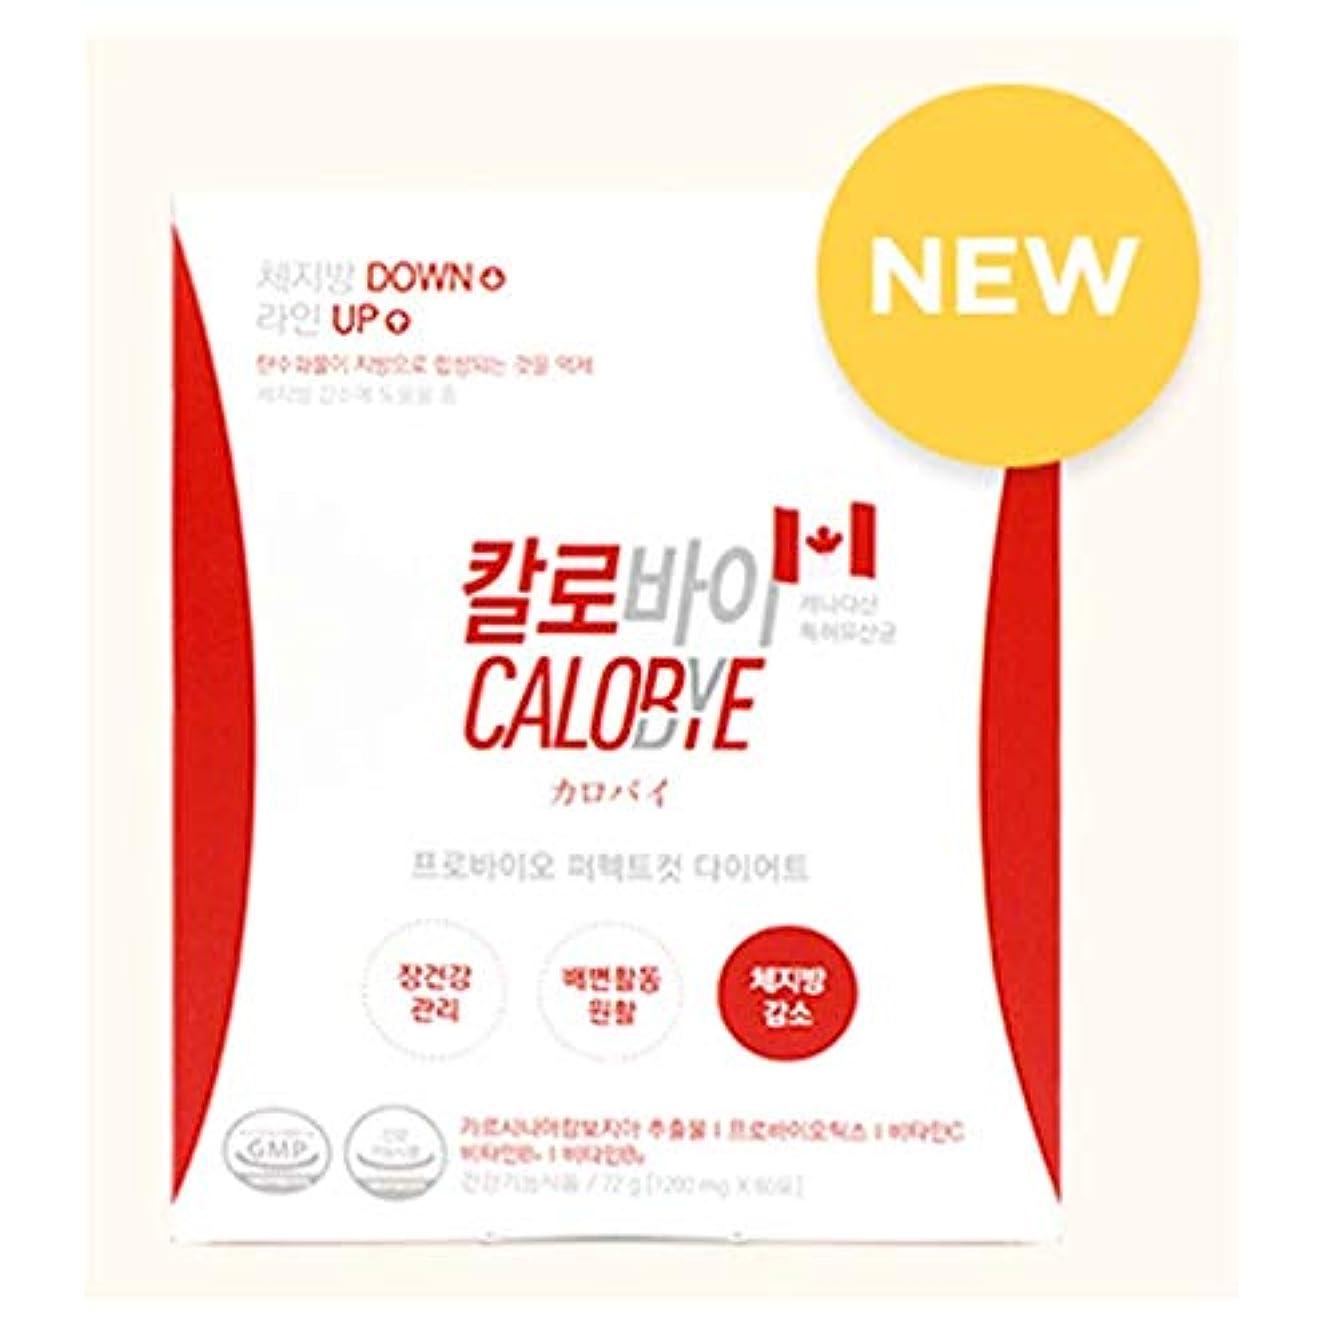 ペアうま崖New CALOBYE Premium: 減量食薬 Weight Loss Diet for 1month (60 Pouch=240pills/2times in a Day Before a Meal) Made in...